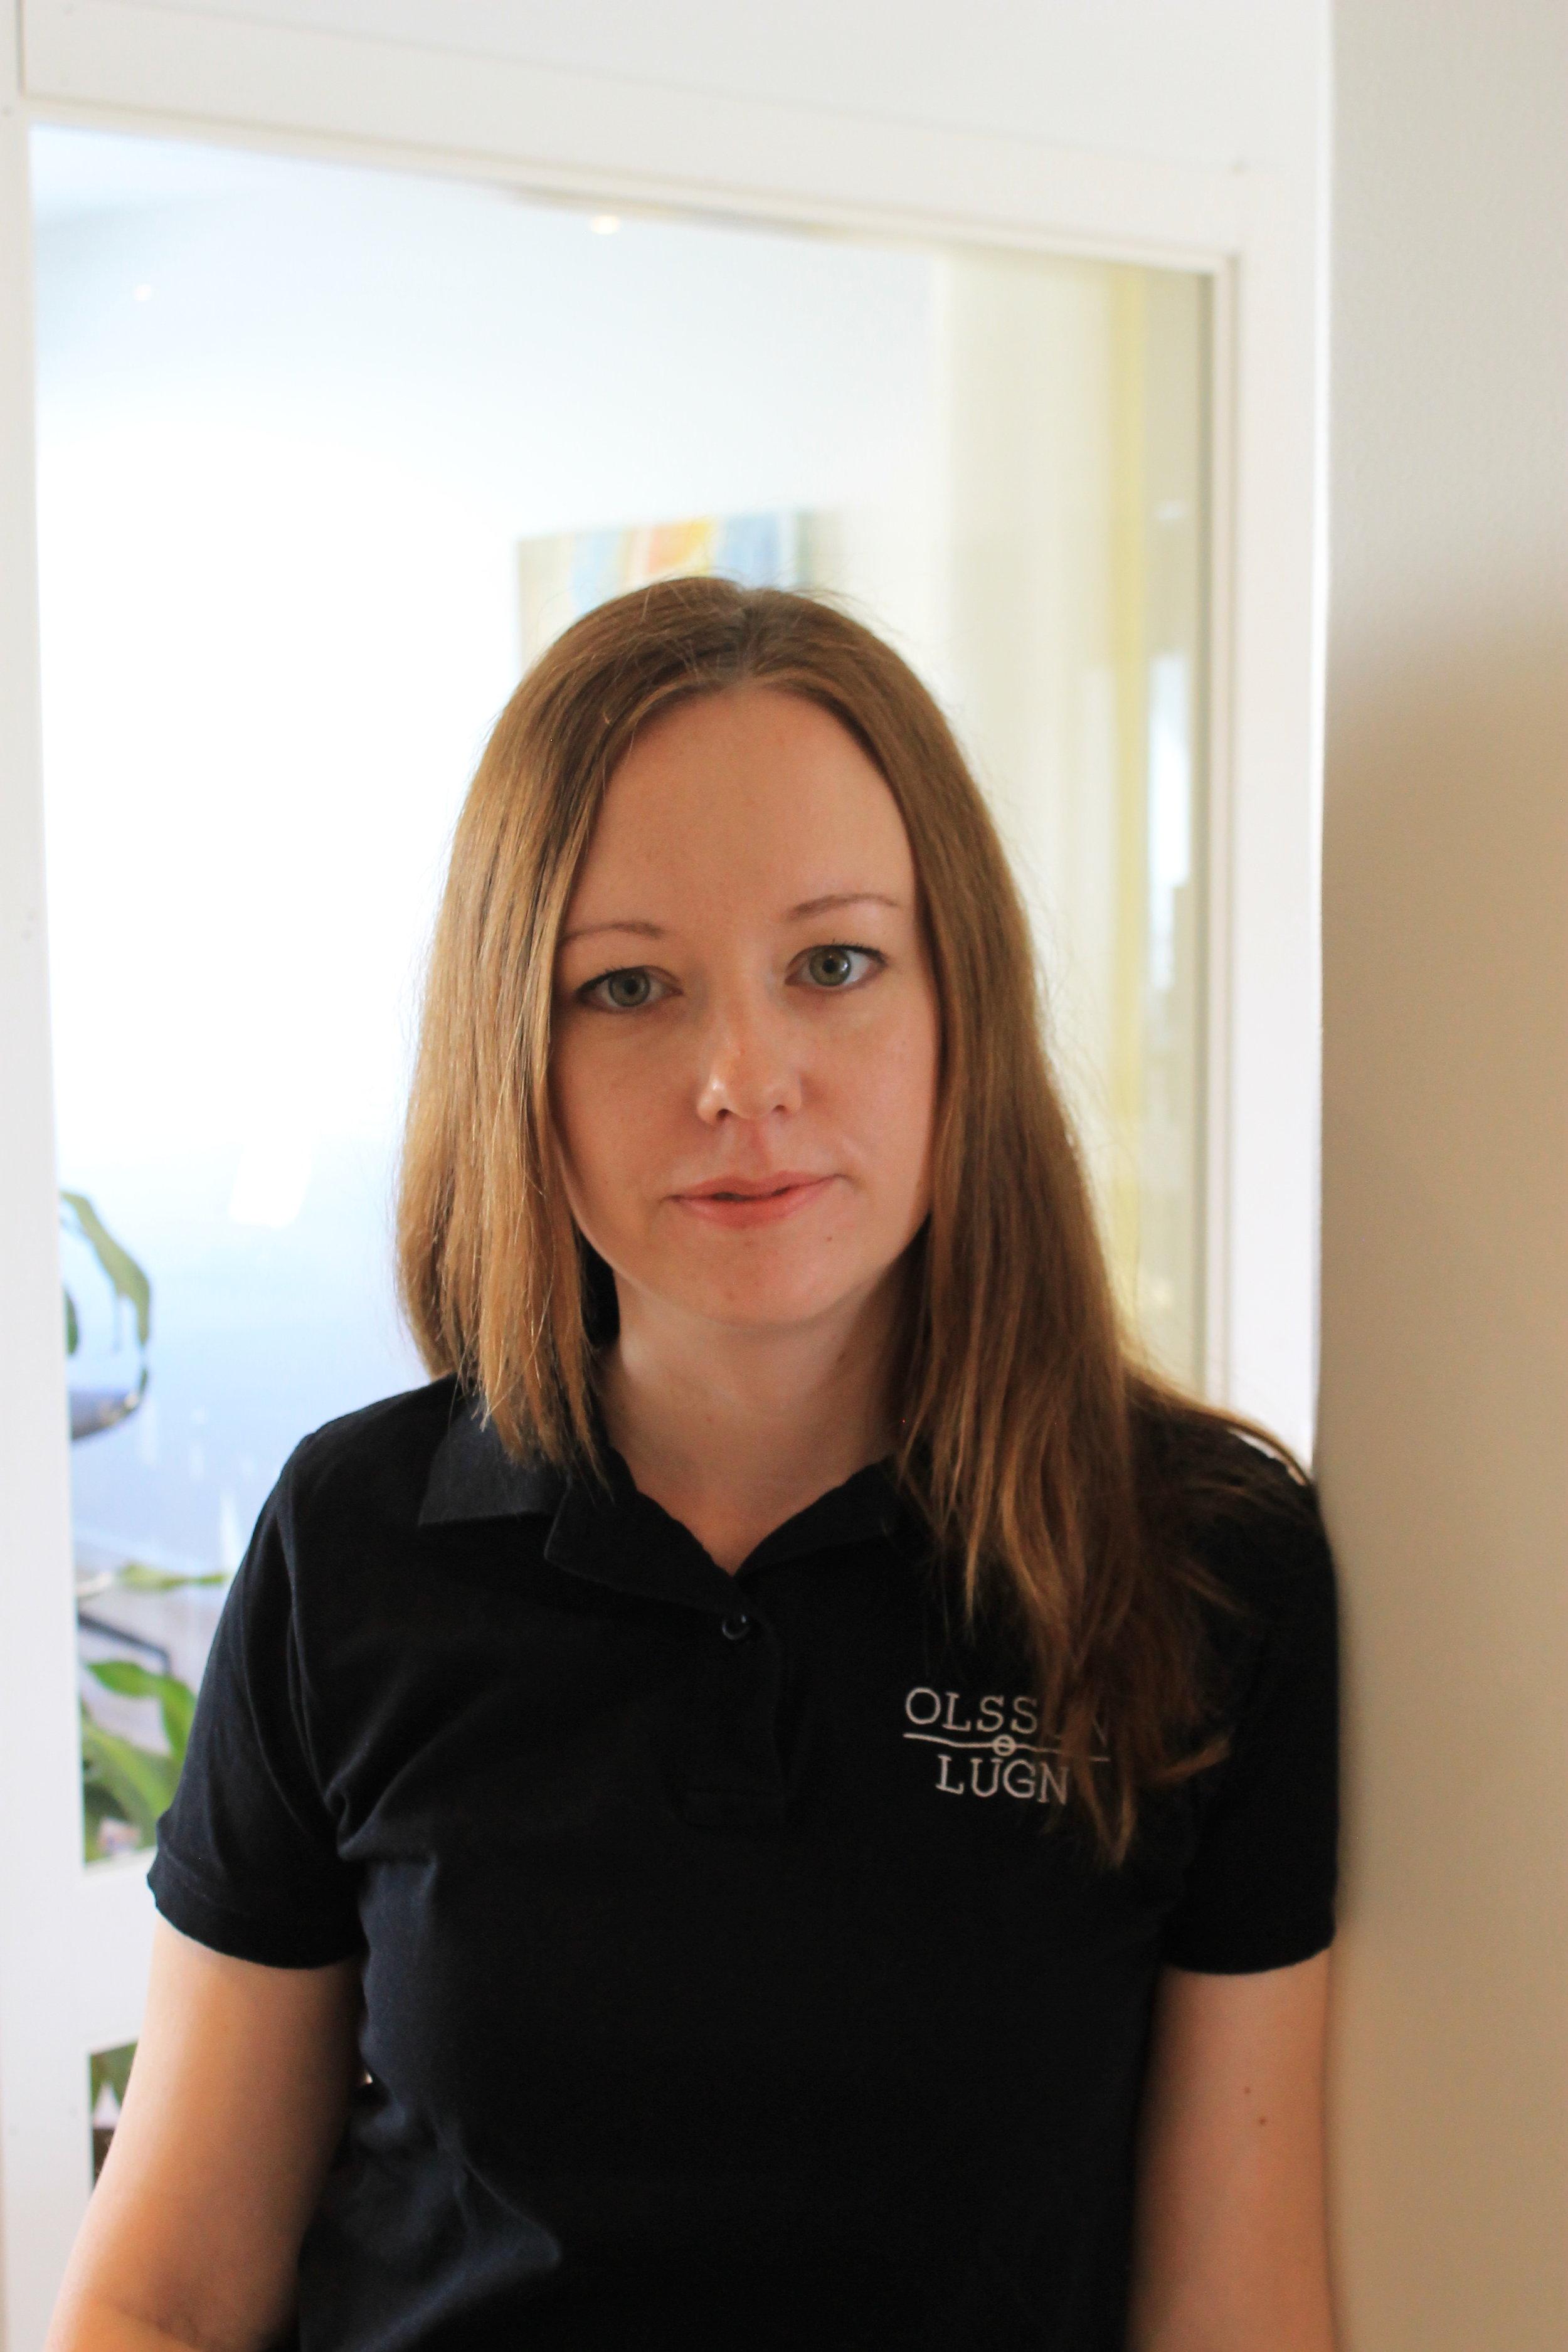 Maria Lugn   Auktoriserad redovisningskonsult, vd  Maria arbetar främst med företagsutveckling, skatteplanering och HR-frågor.  0731-41 87 88  maria@olssonlugn.se